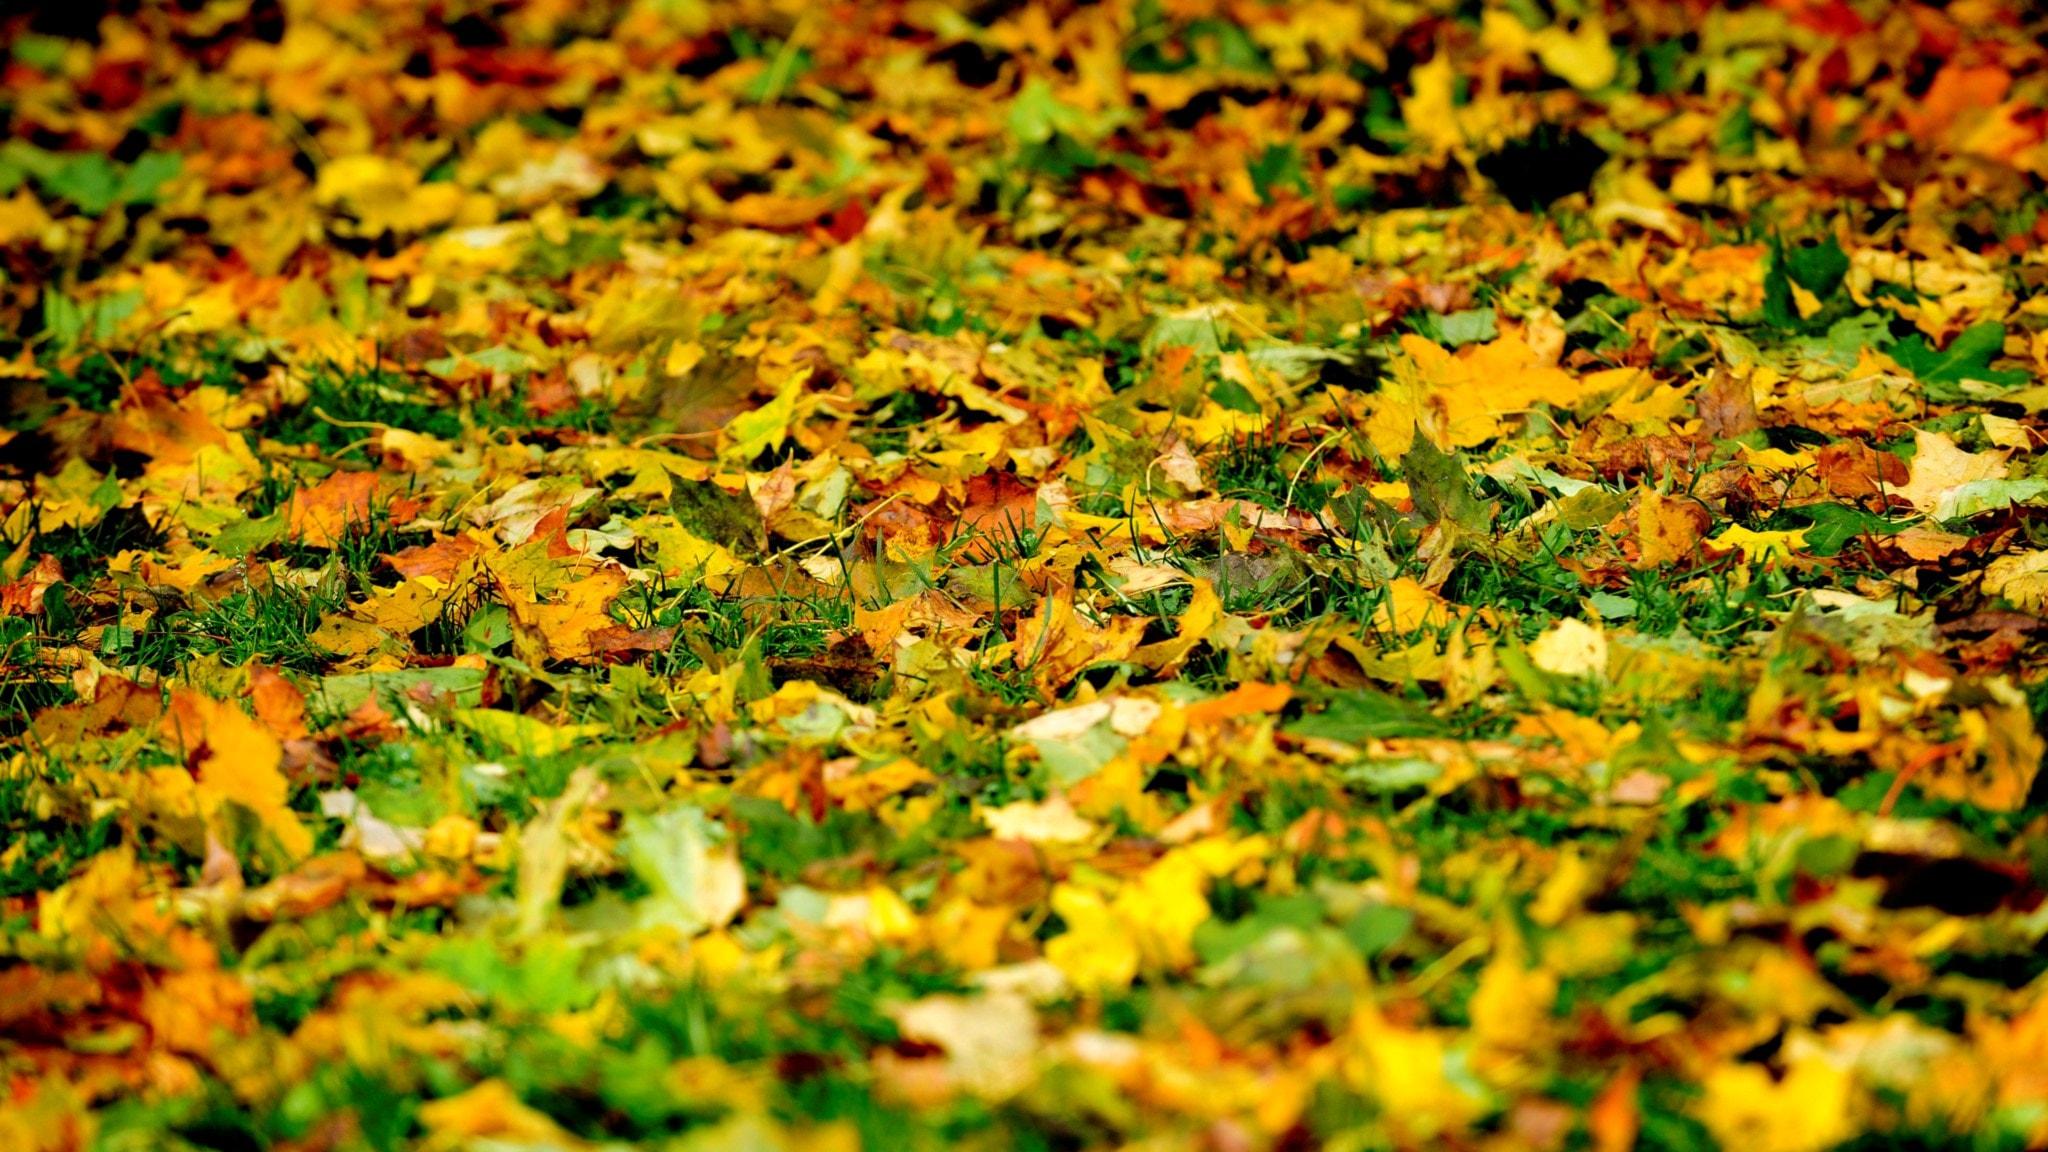 Varför byter bladen namn till löv när de fallit ner på marken?